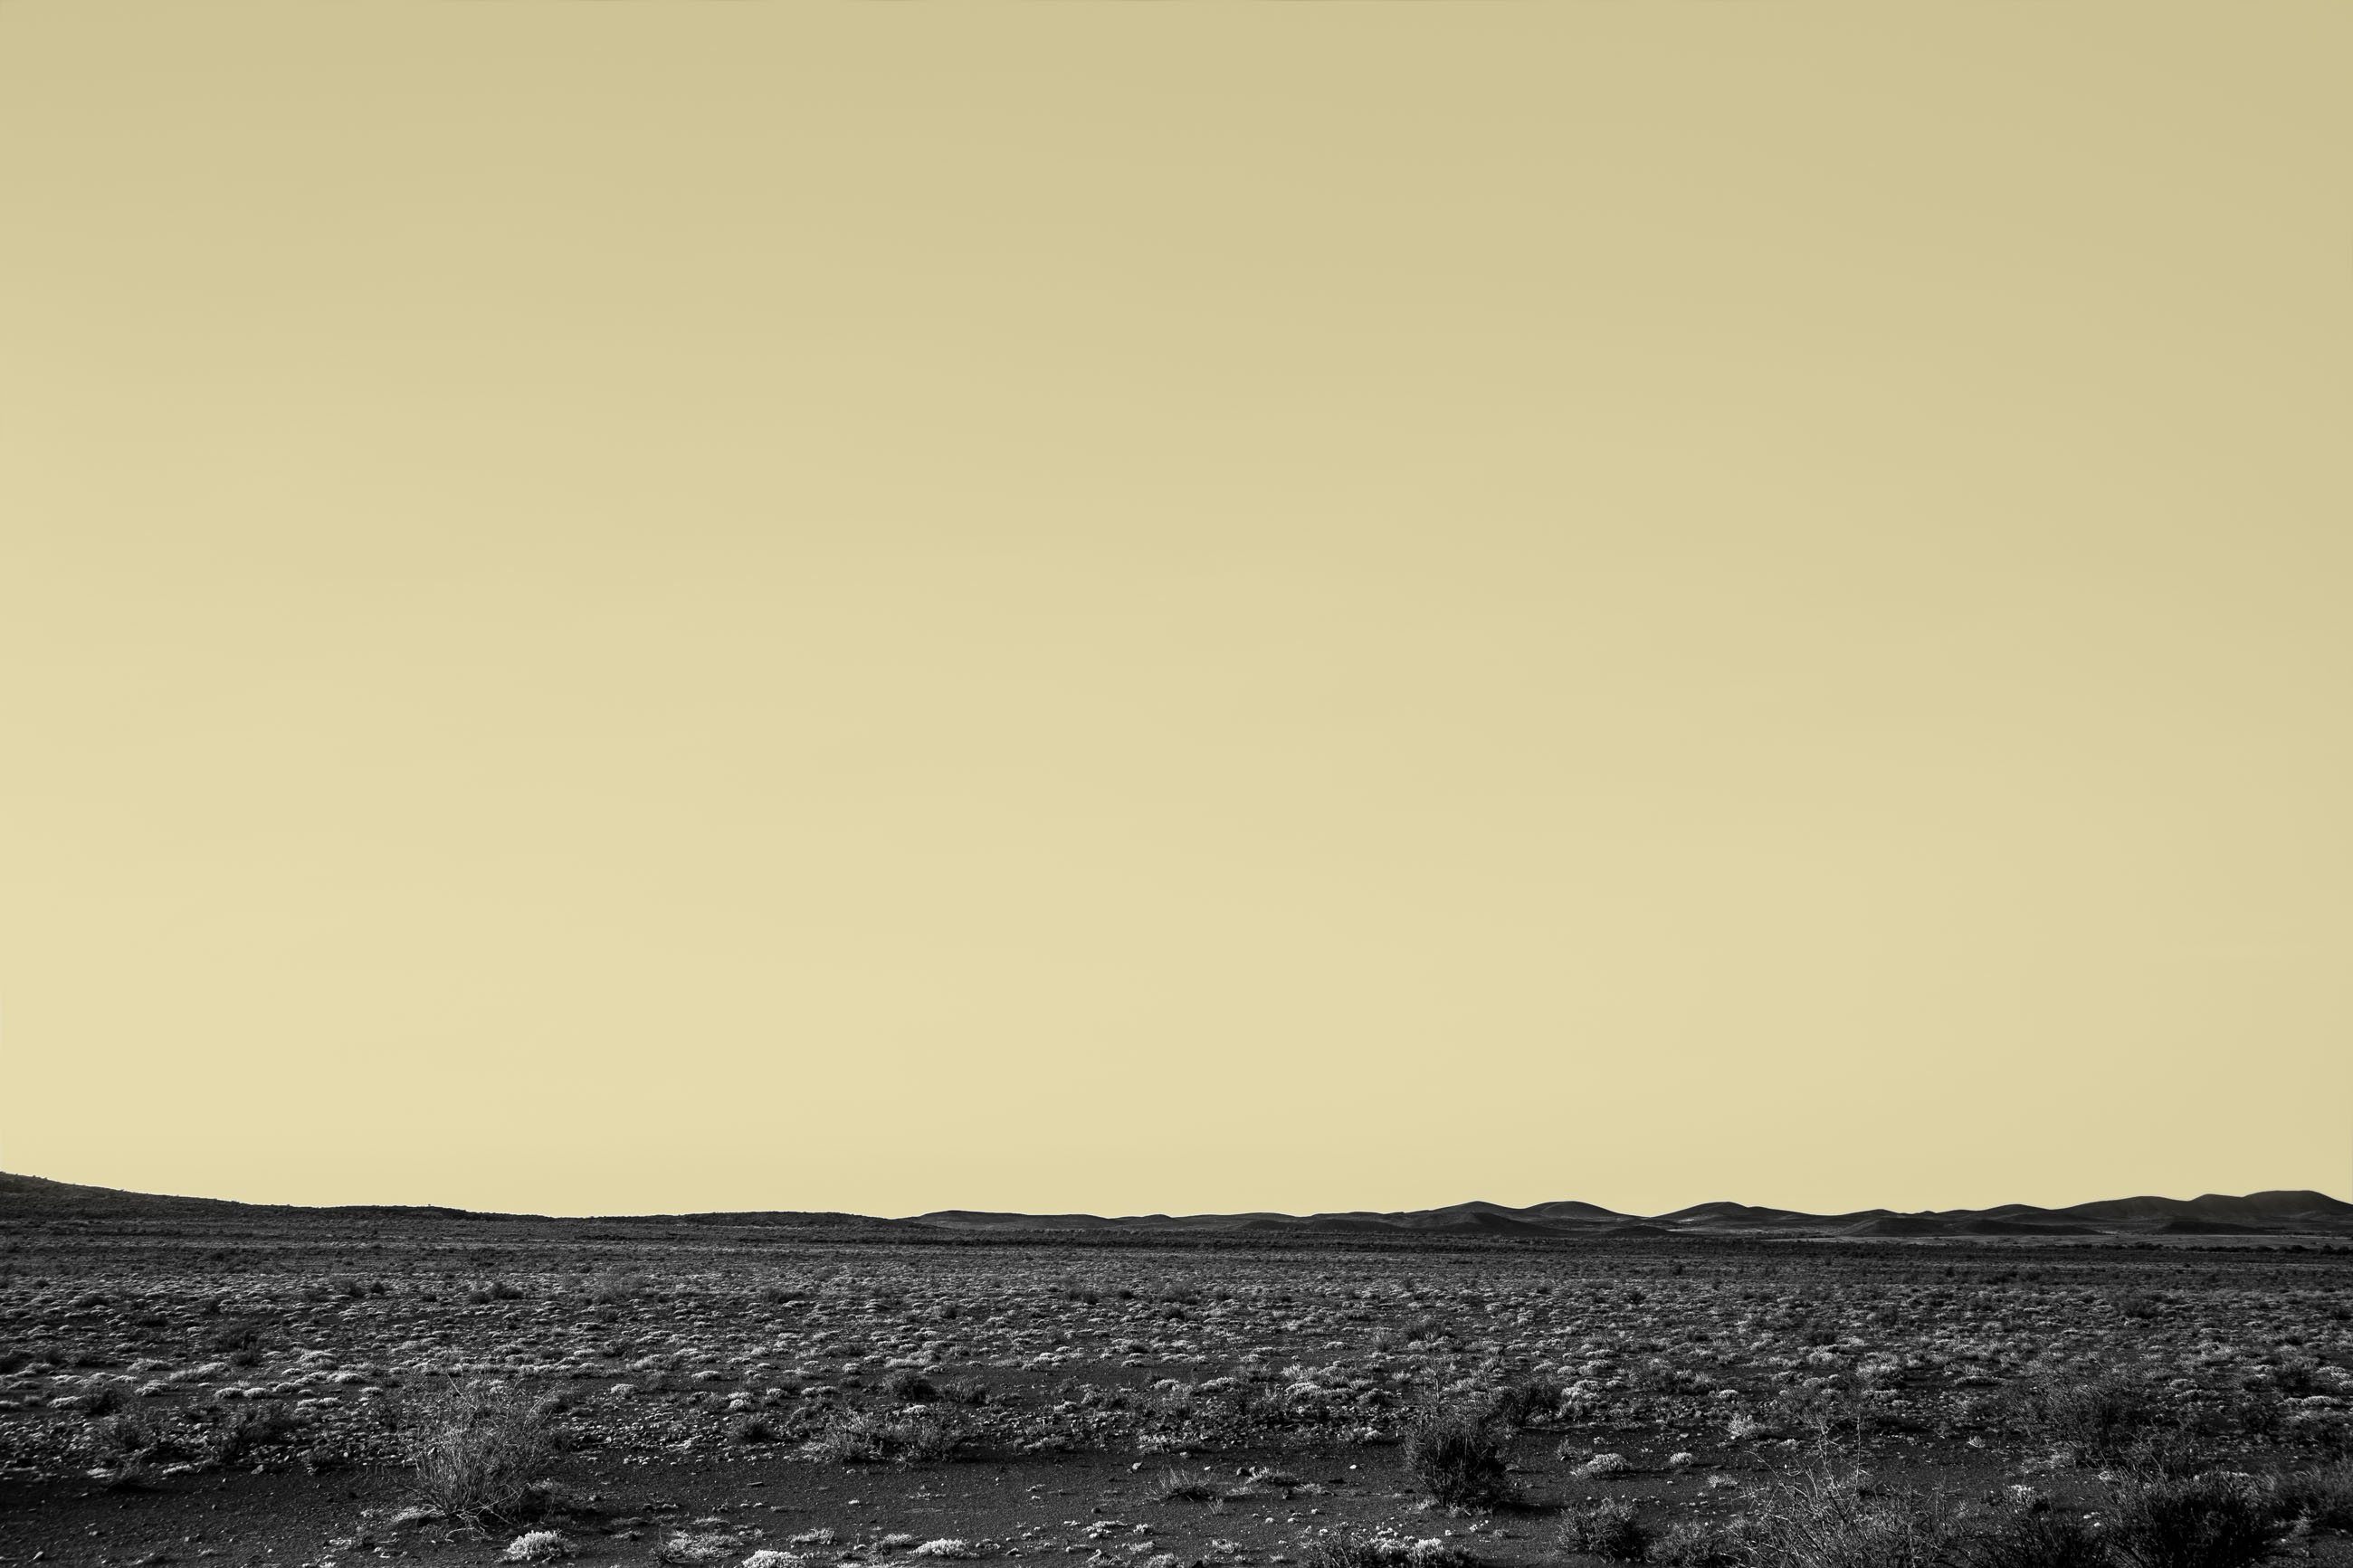 Landschaft mit buntem Himmel Contemporary Art - Zeitgenössische Kunst von dem Fotograf Sven Vogel aus Köln